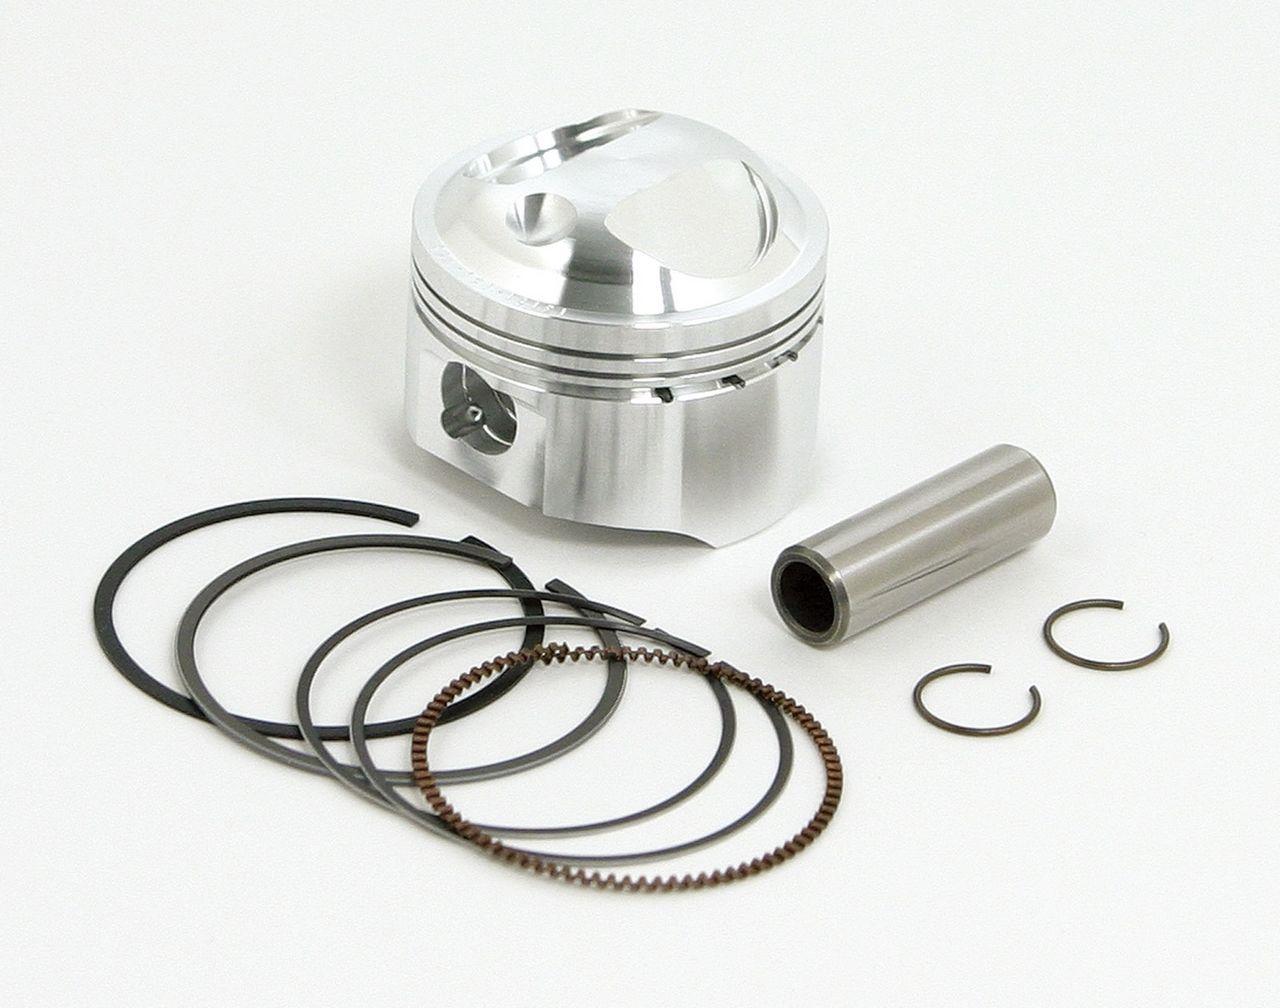 標準型汽缸頭用鍛造活塞 套件